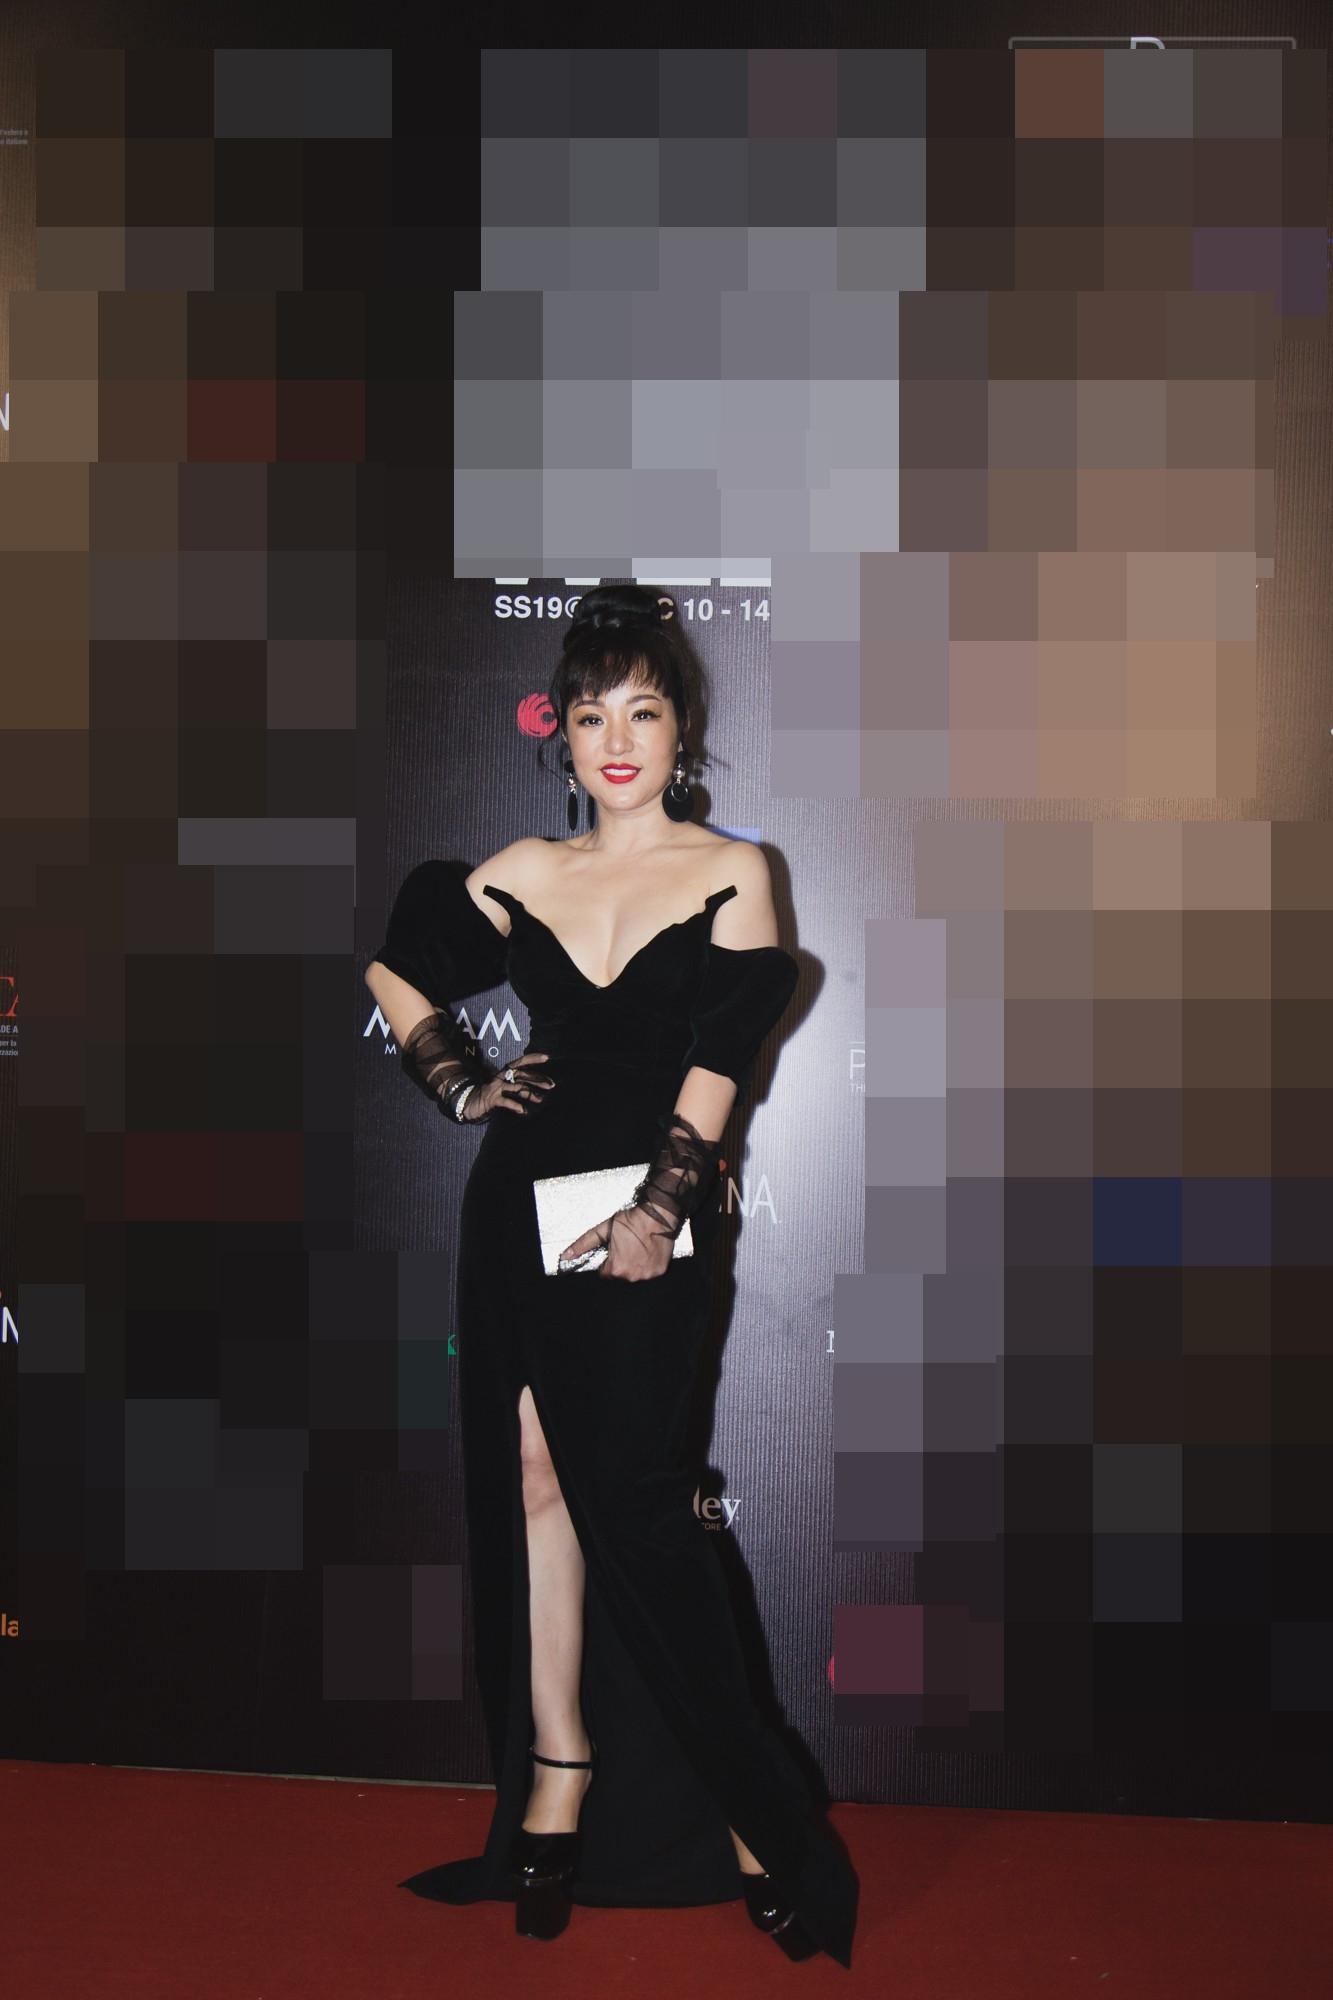 Váy xẻ rất cao, hở rất hở… nhưng H'Hen Niê vẫn lọt vào top sao xấu tuần Ảnh 9